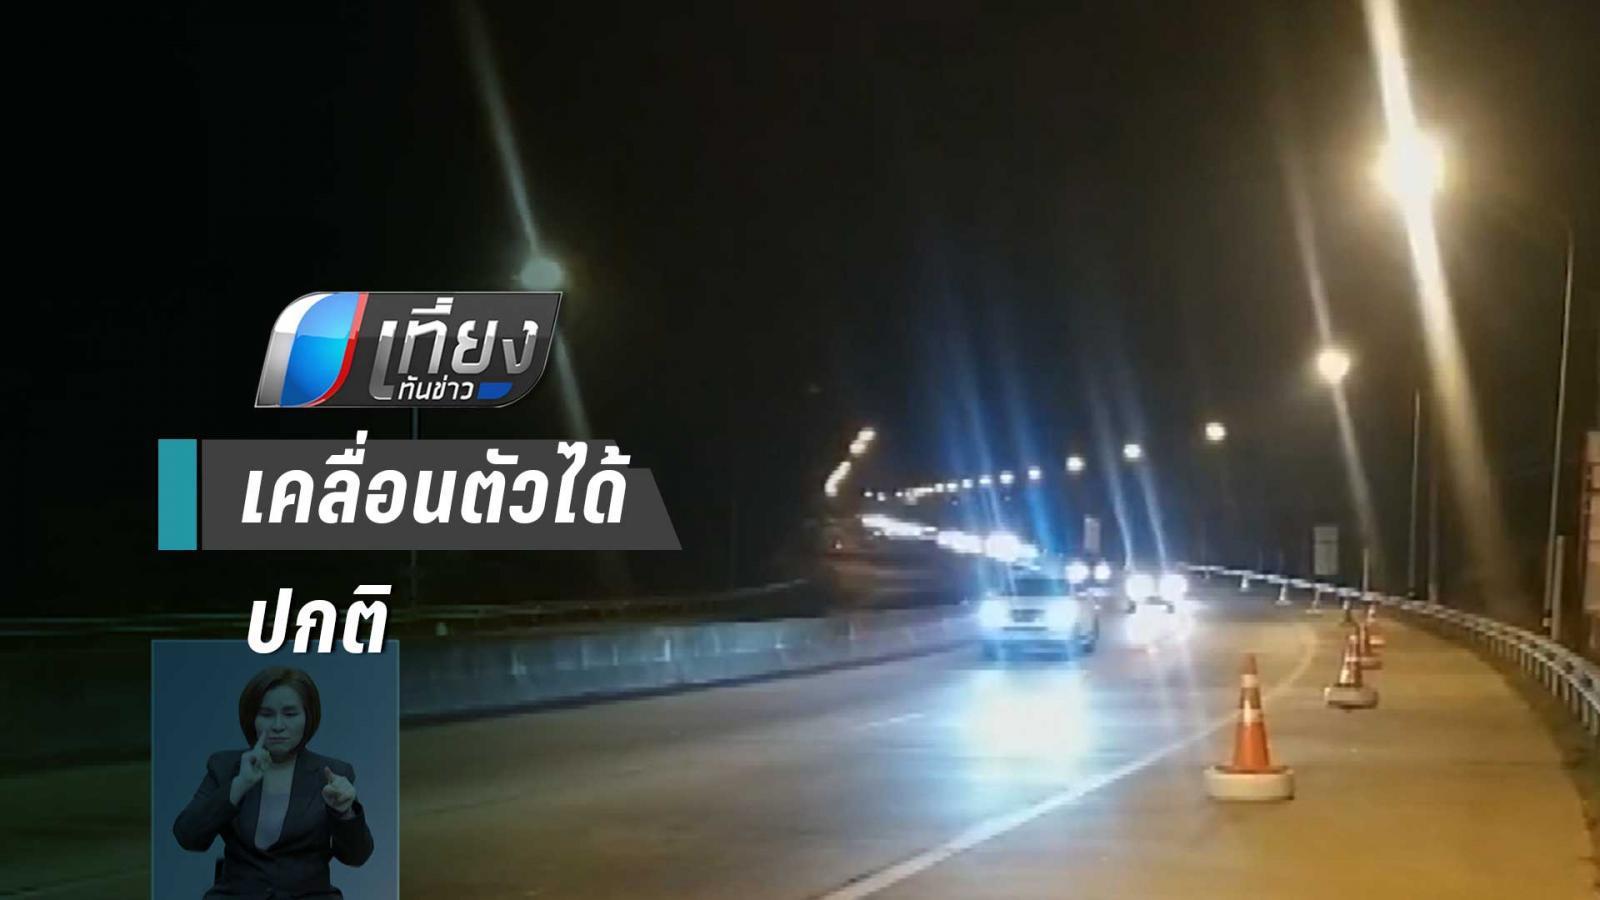 ปราจีนบุรี ถนนสาย 304 มุ่งหน้าอีสาน ปชช.เริ่มเดินทางตั้งแต่เช้ามืด